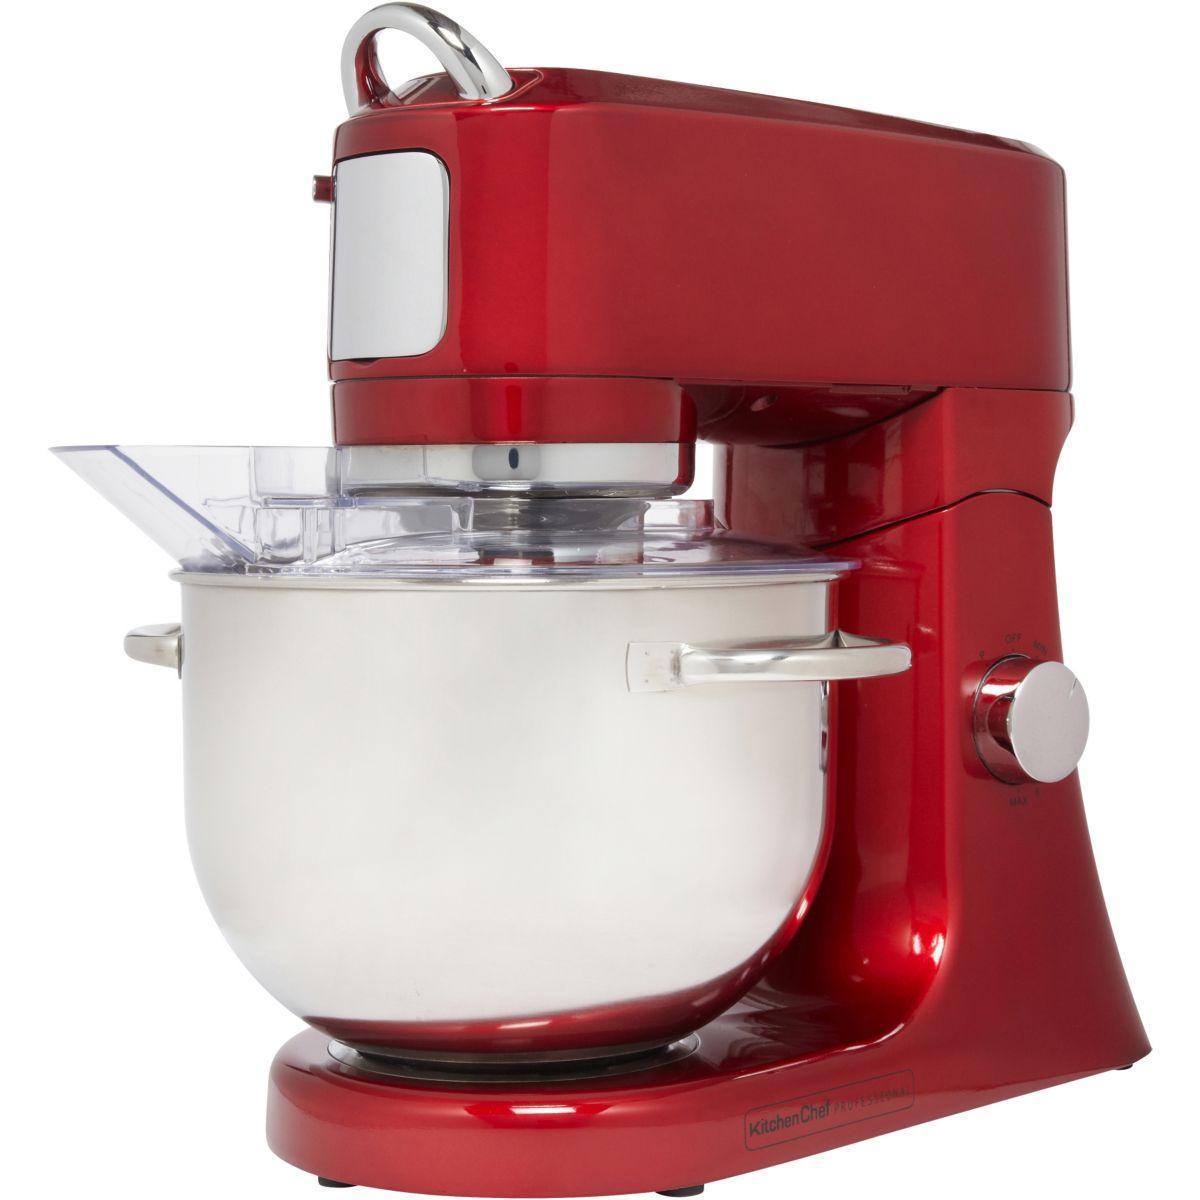 Robot pâtissier sur socle KitchenChef EF706BR - Rouge